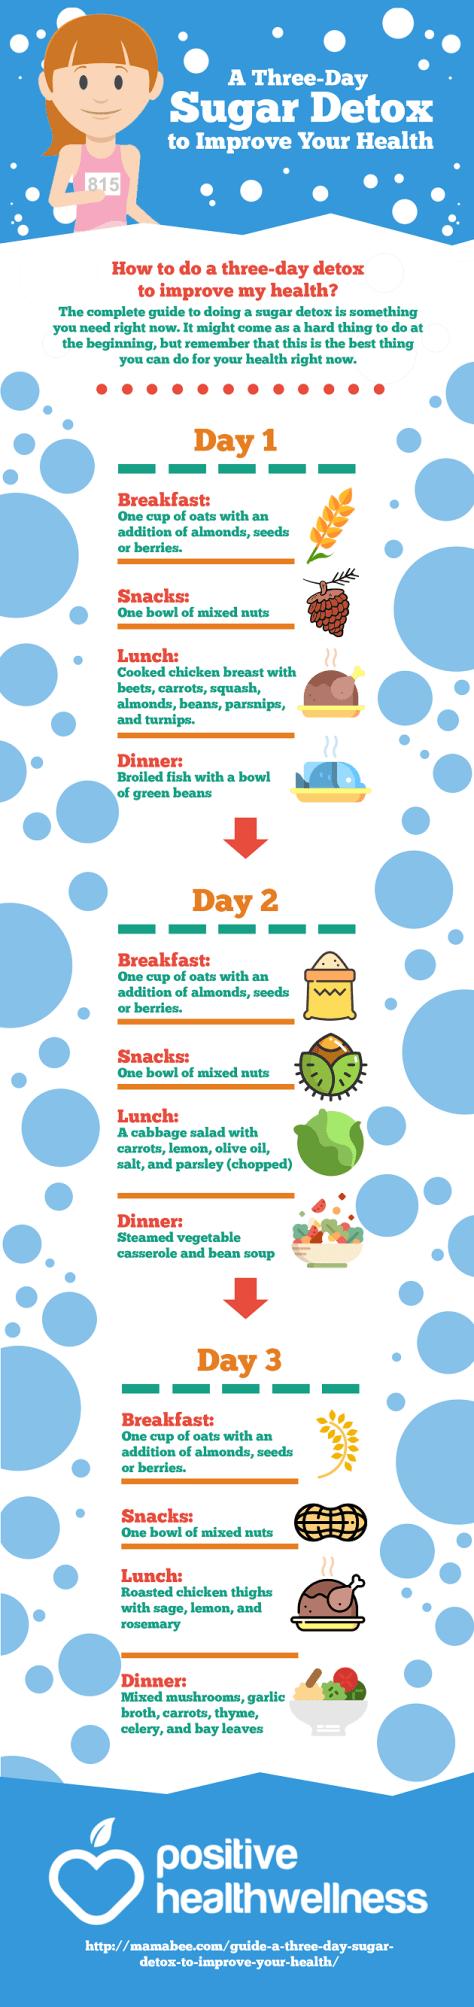 Three-Day Sugar Detox